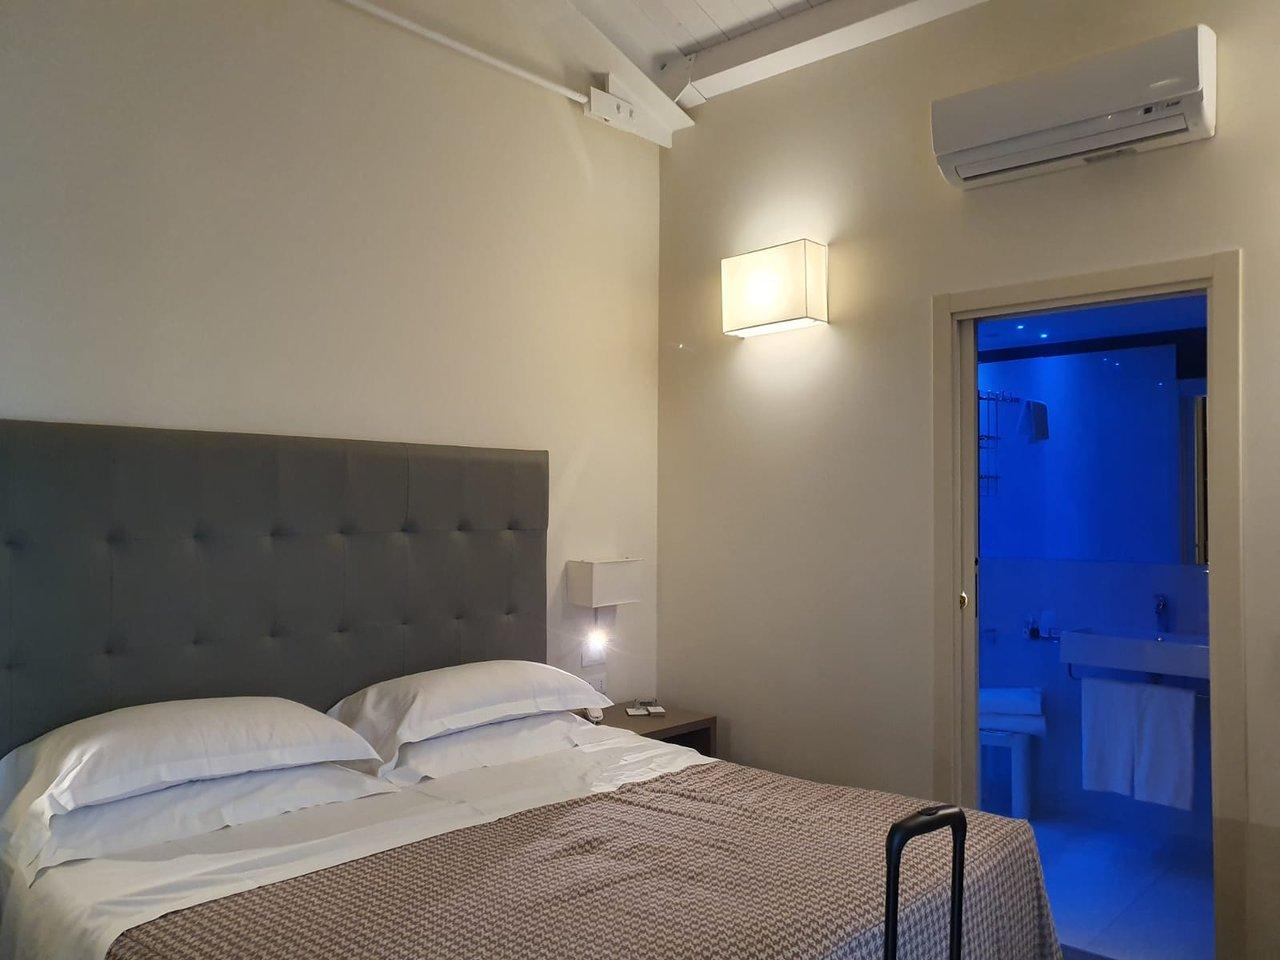 Armadio l 252 p 54 h 251. Camera Da Letto Picture Of Savoia Hotel Regency Bologna Tripadvisor